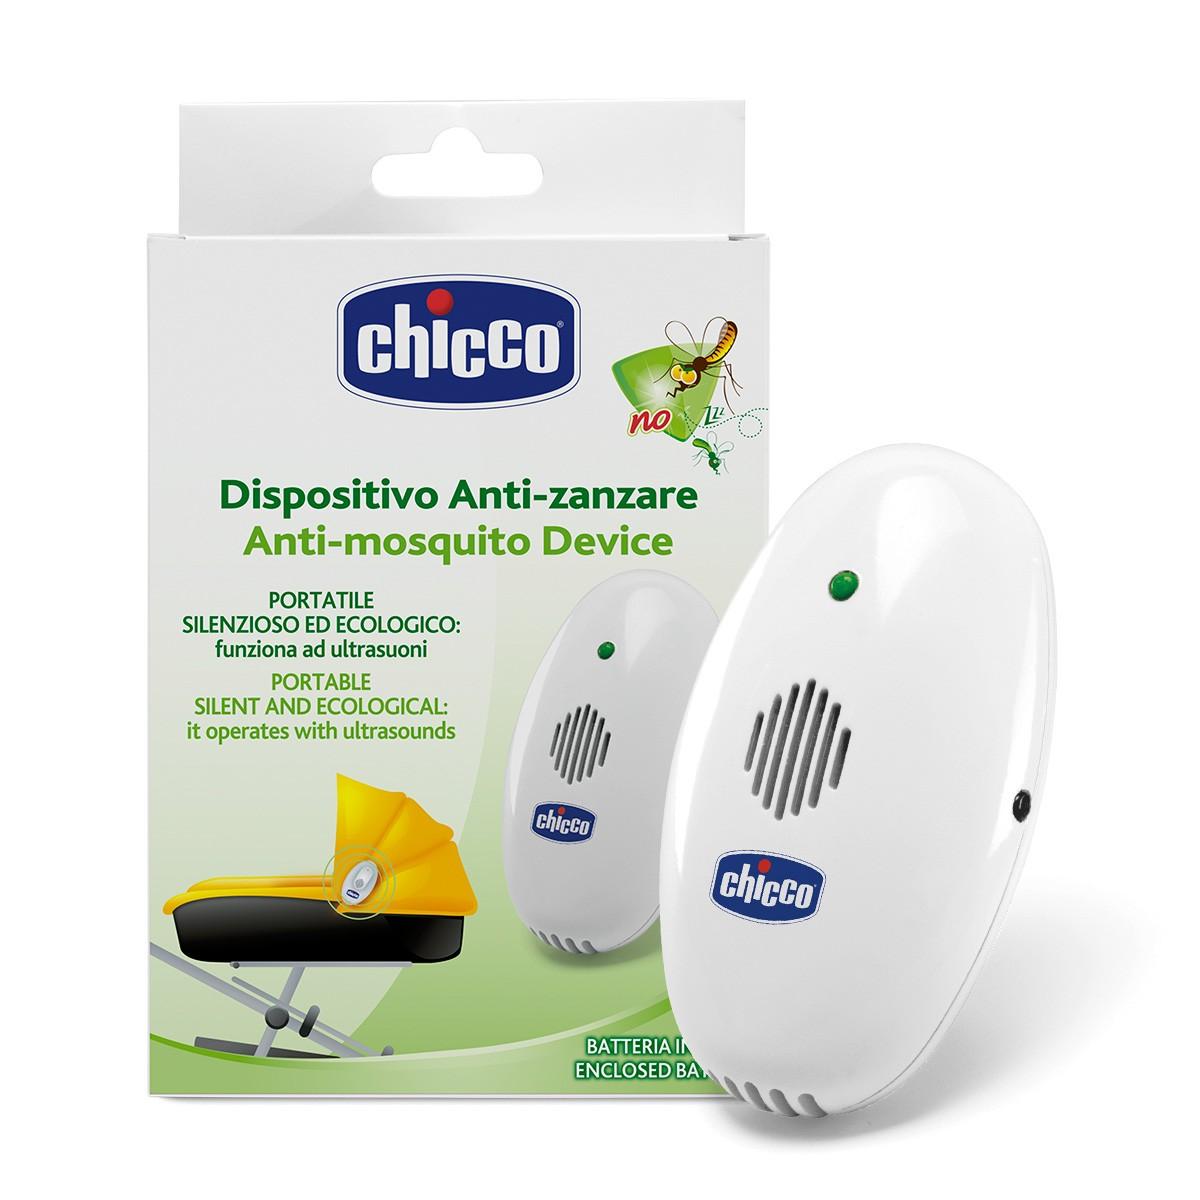 Image of Chicco Dispositivo Antizanzare Ad Ultrasuoni Portatile 926574866